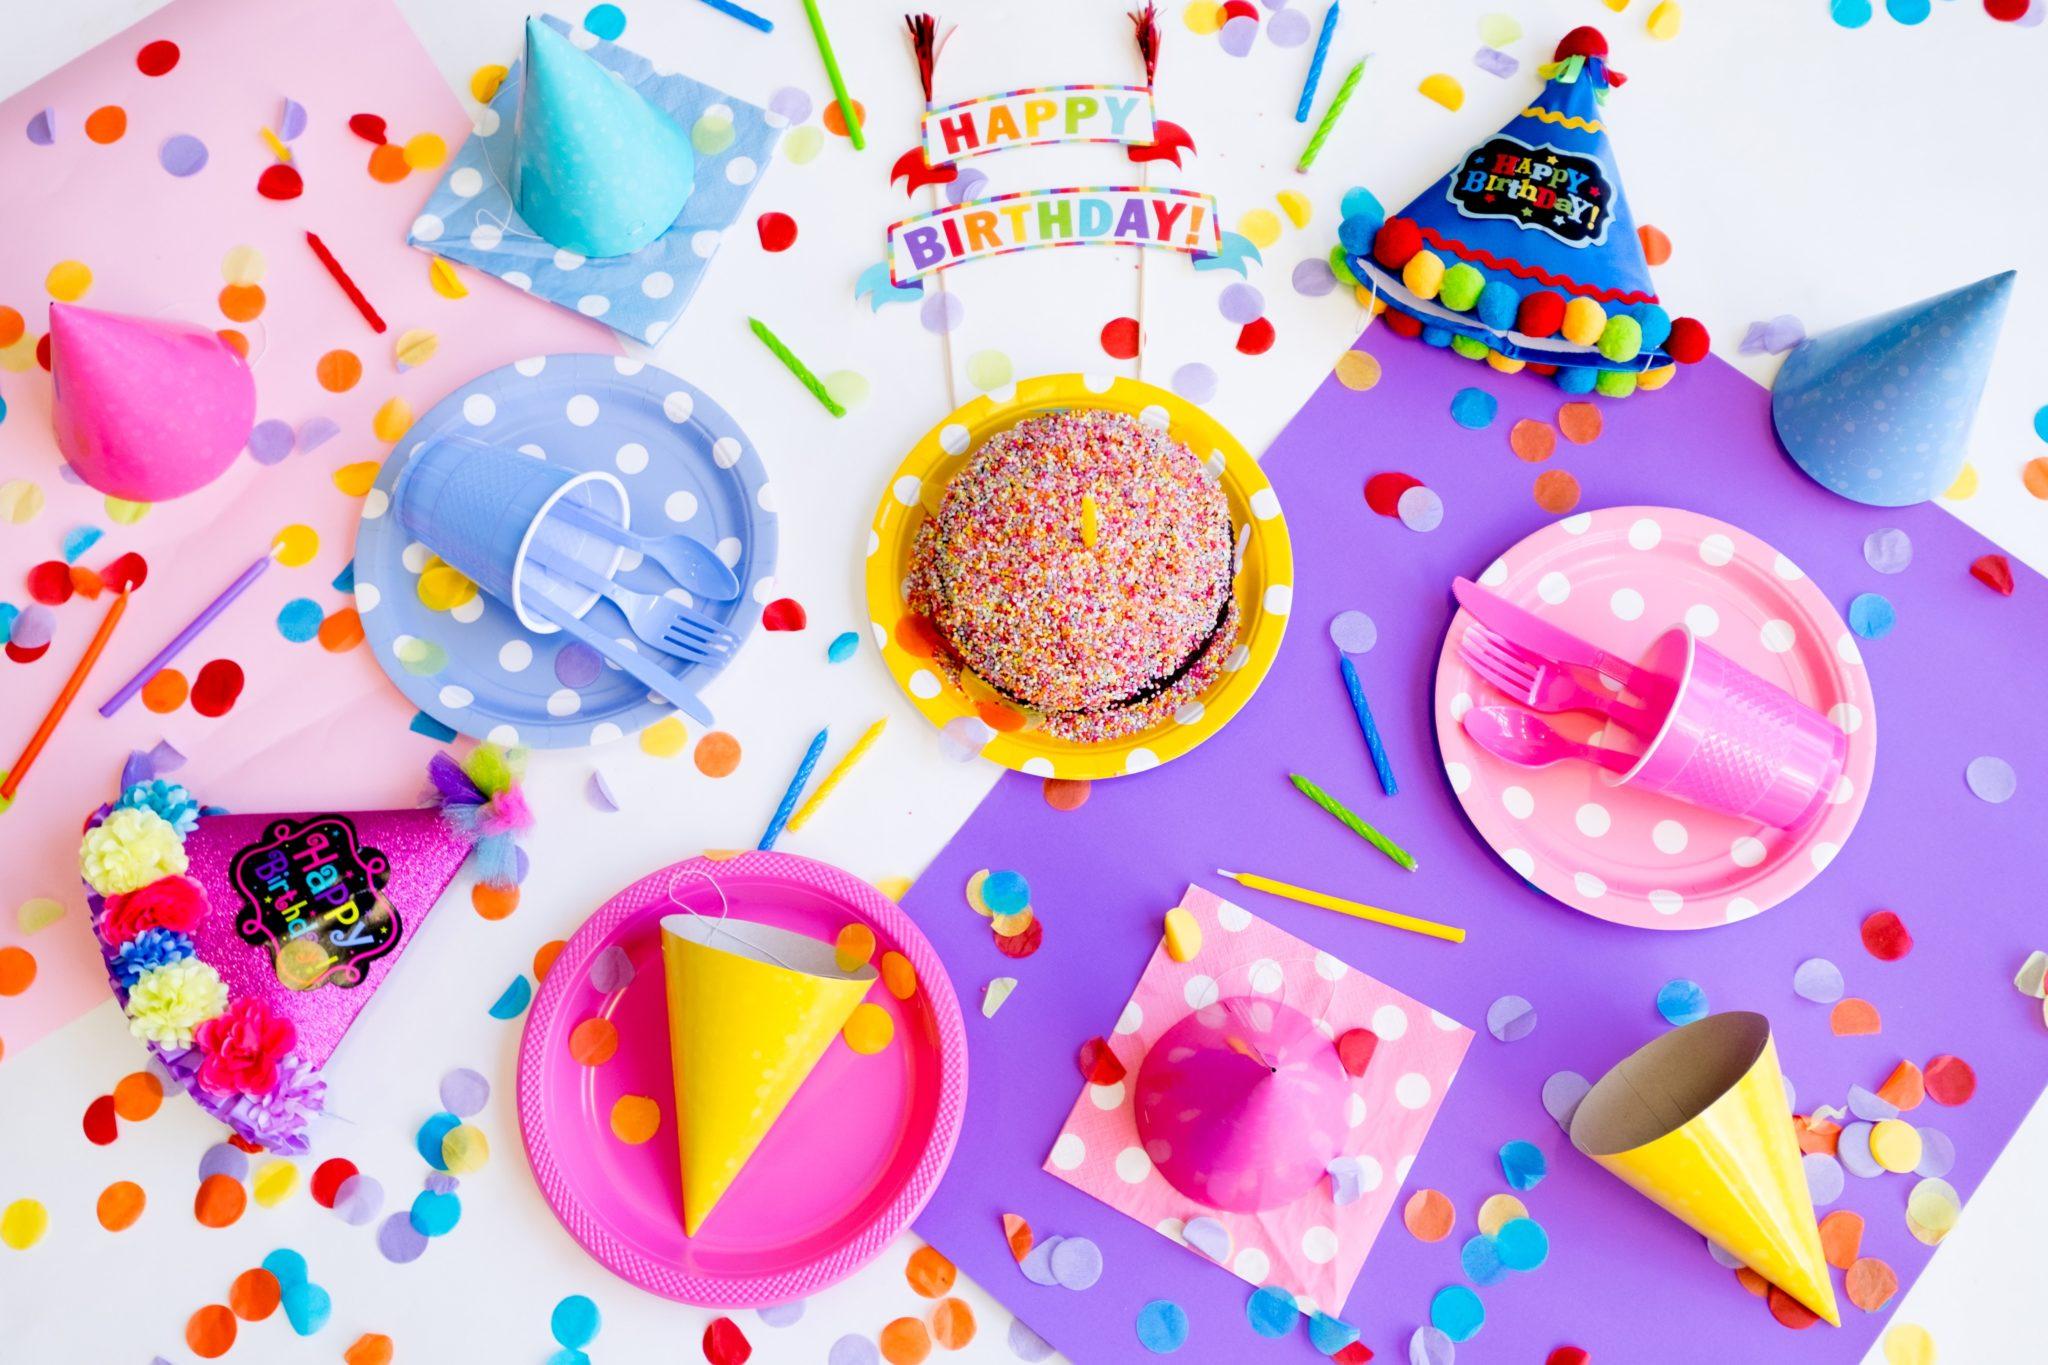 2歳の誕生日にできること!子どもとどのように過ごすといい?